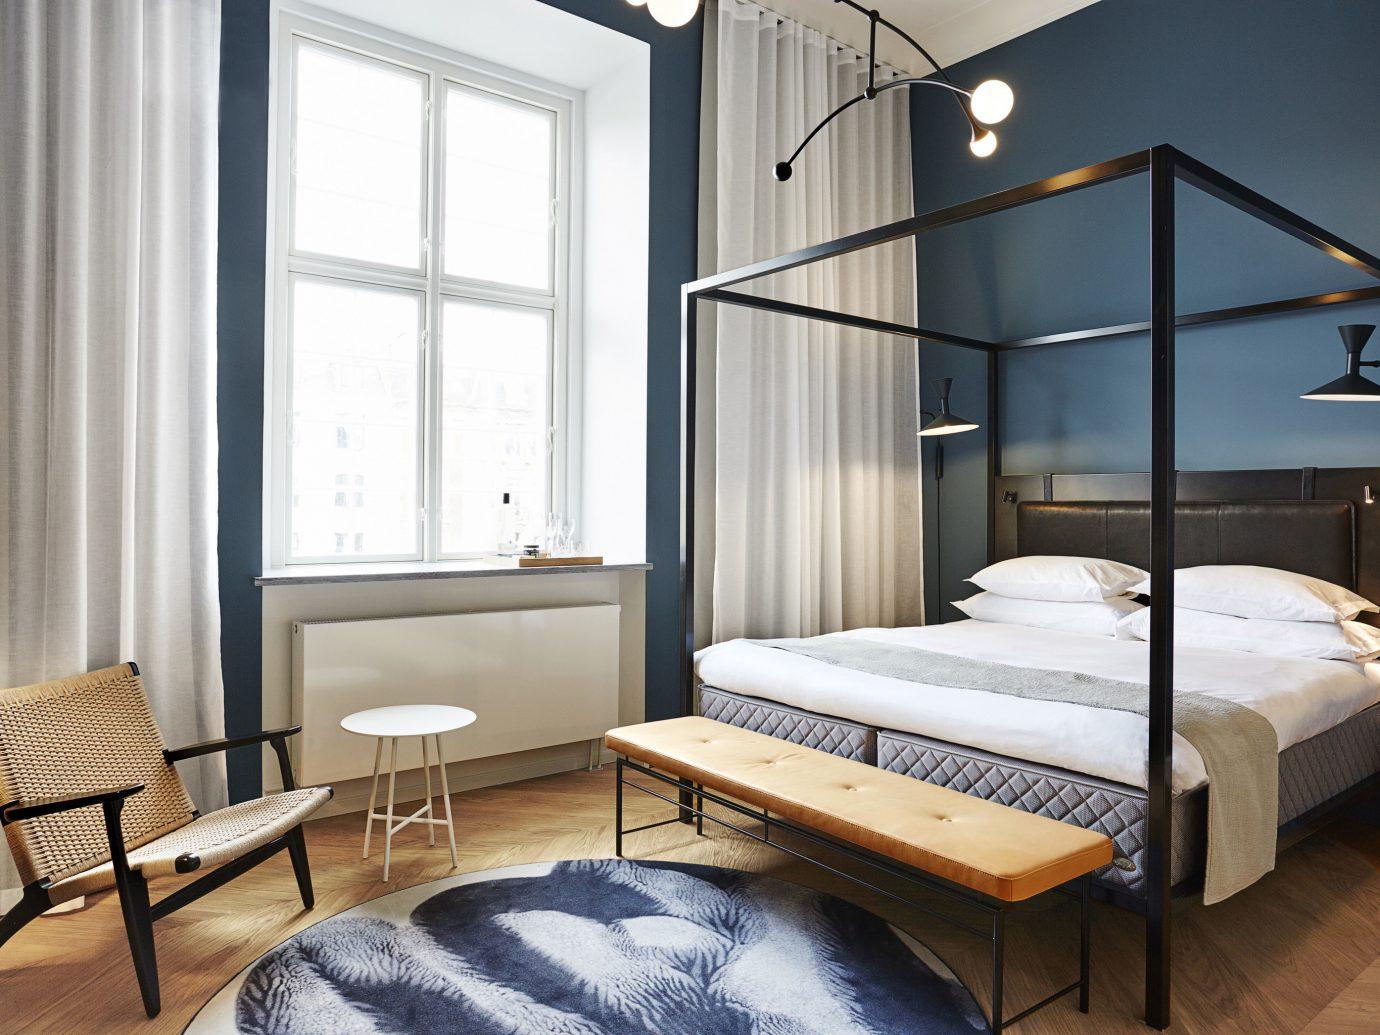 Boutique Hotels Copenhagen Denmark Hotels floor indoor bed room bed frame Bedroom interior design furniture ceiling window mattress hotel interior designer daylighting